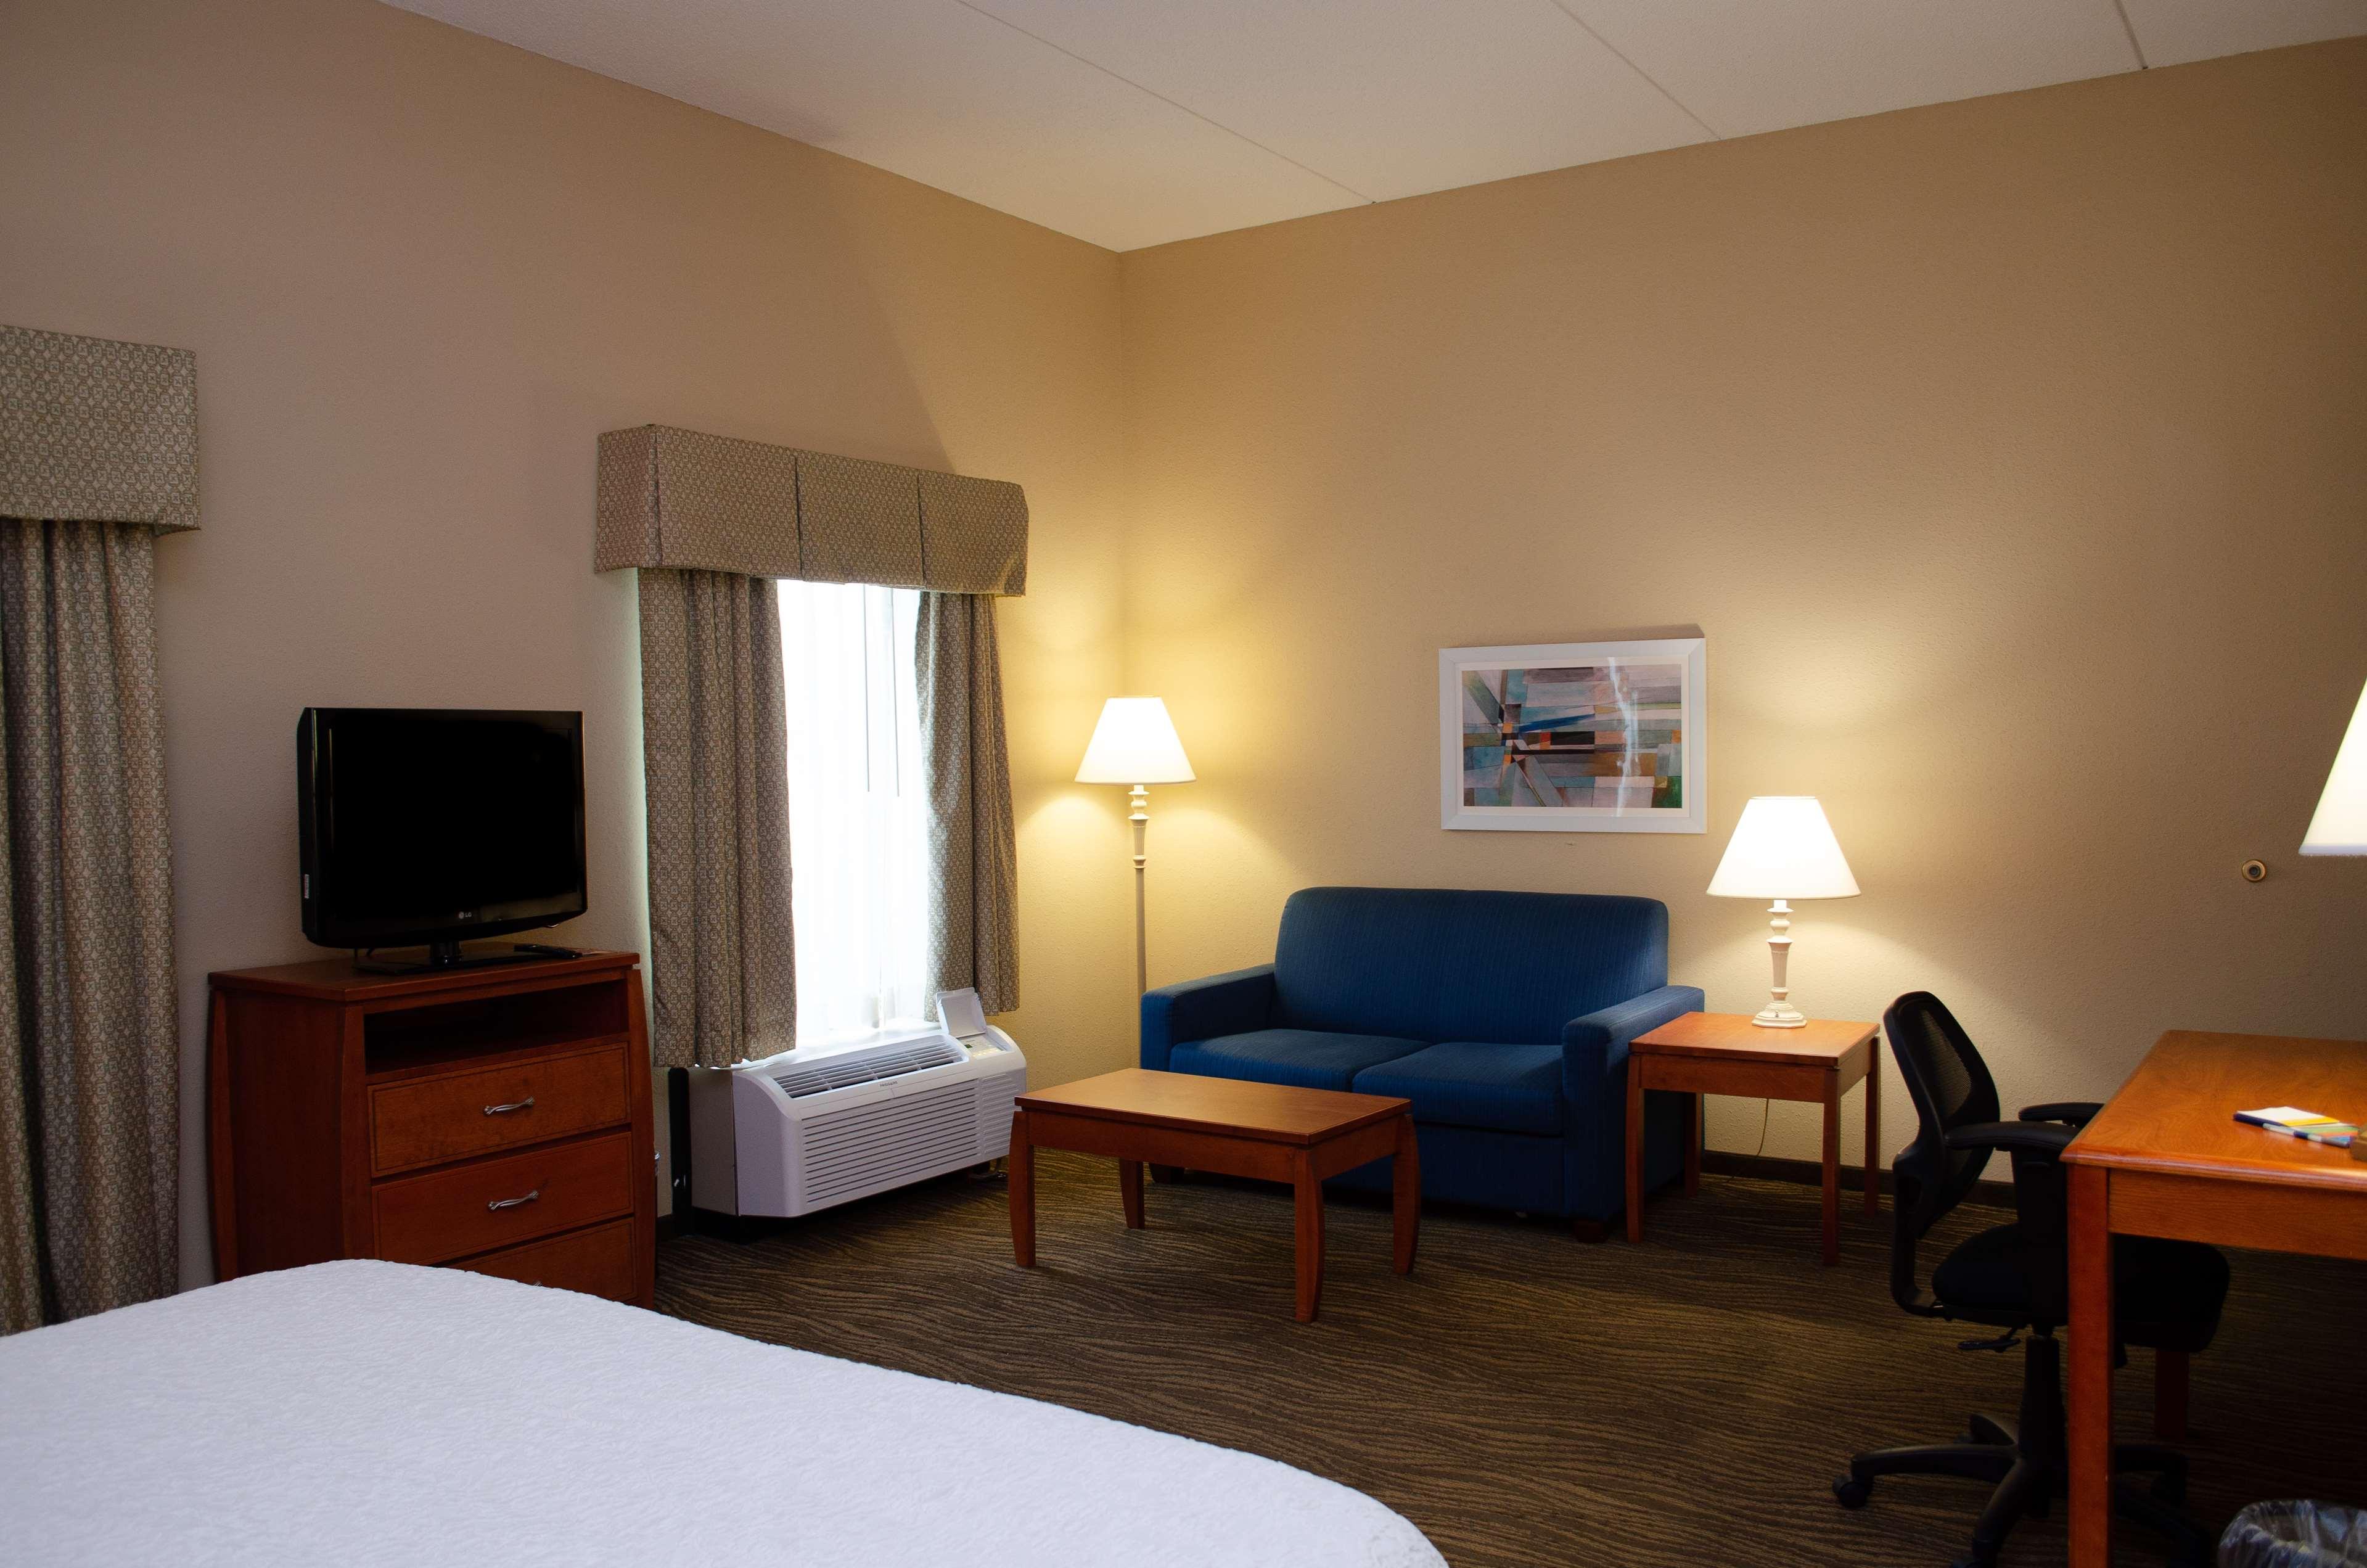 Hampton Inn & Suites Augusta West image 12